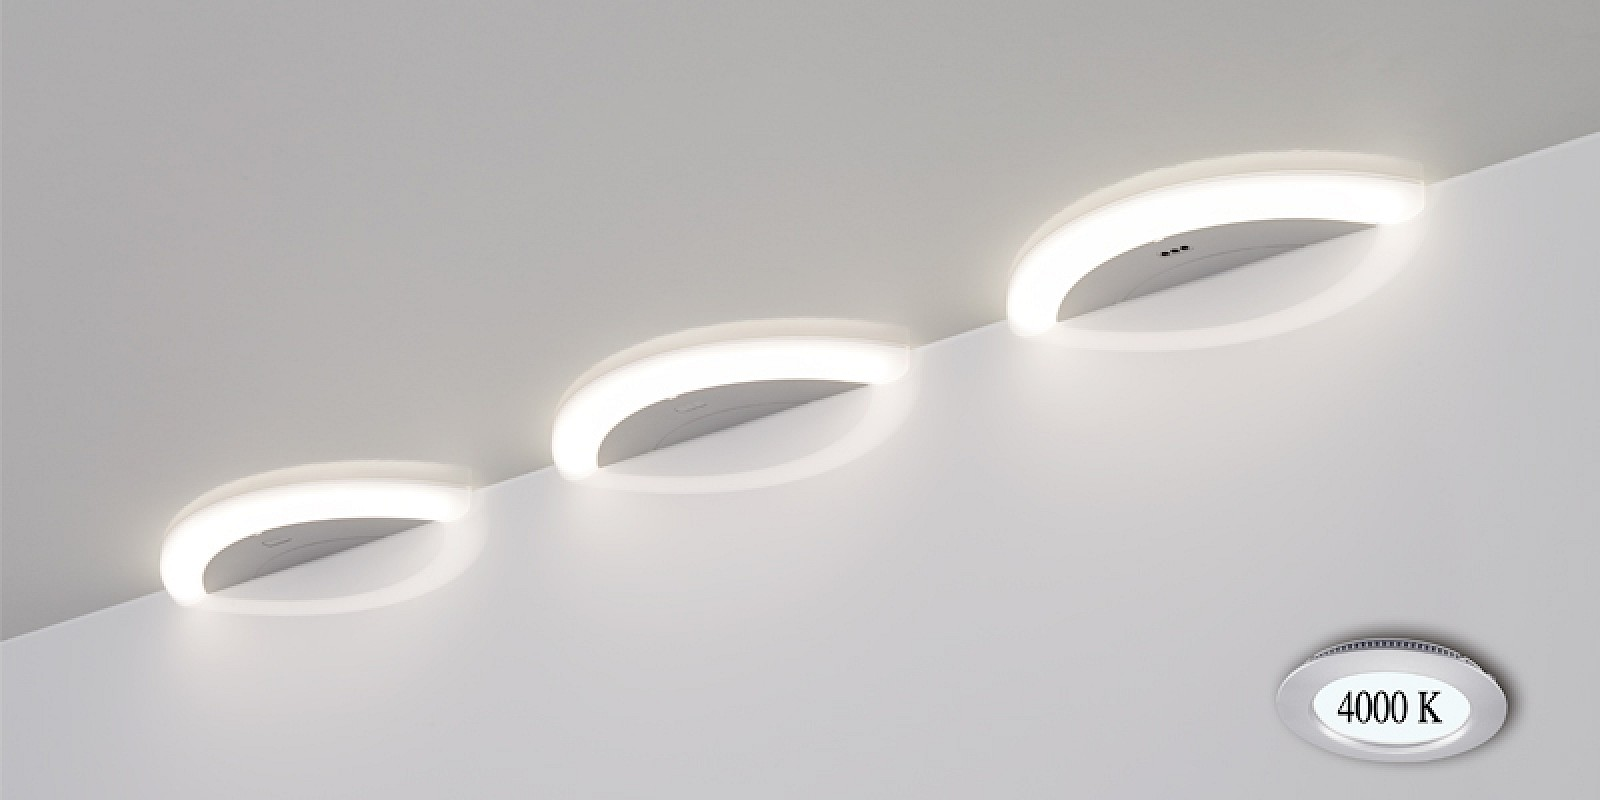 Full Size of Modernes Licht Gmbh Led Einbau Unterbauleuchten Vorratsschrank Blende Küche Rosa Ohne Oberschränke Lampen Wasserhähne Gebrauchte Kaufen Gardinen Für Die Wohnzimmer Unterbauleuchten Küche